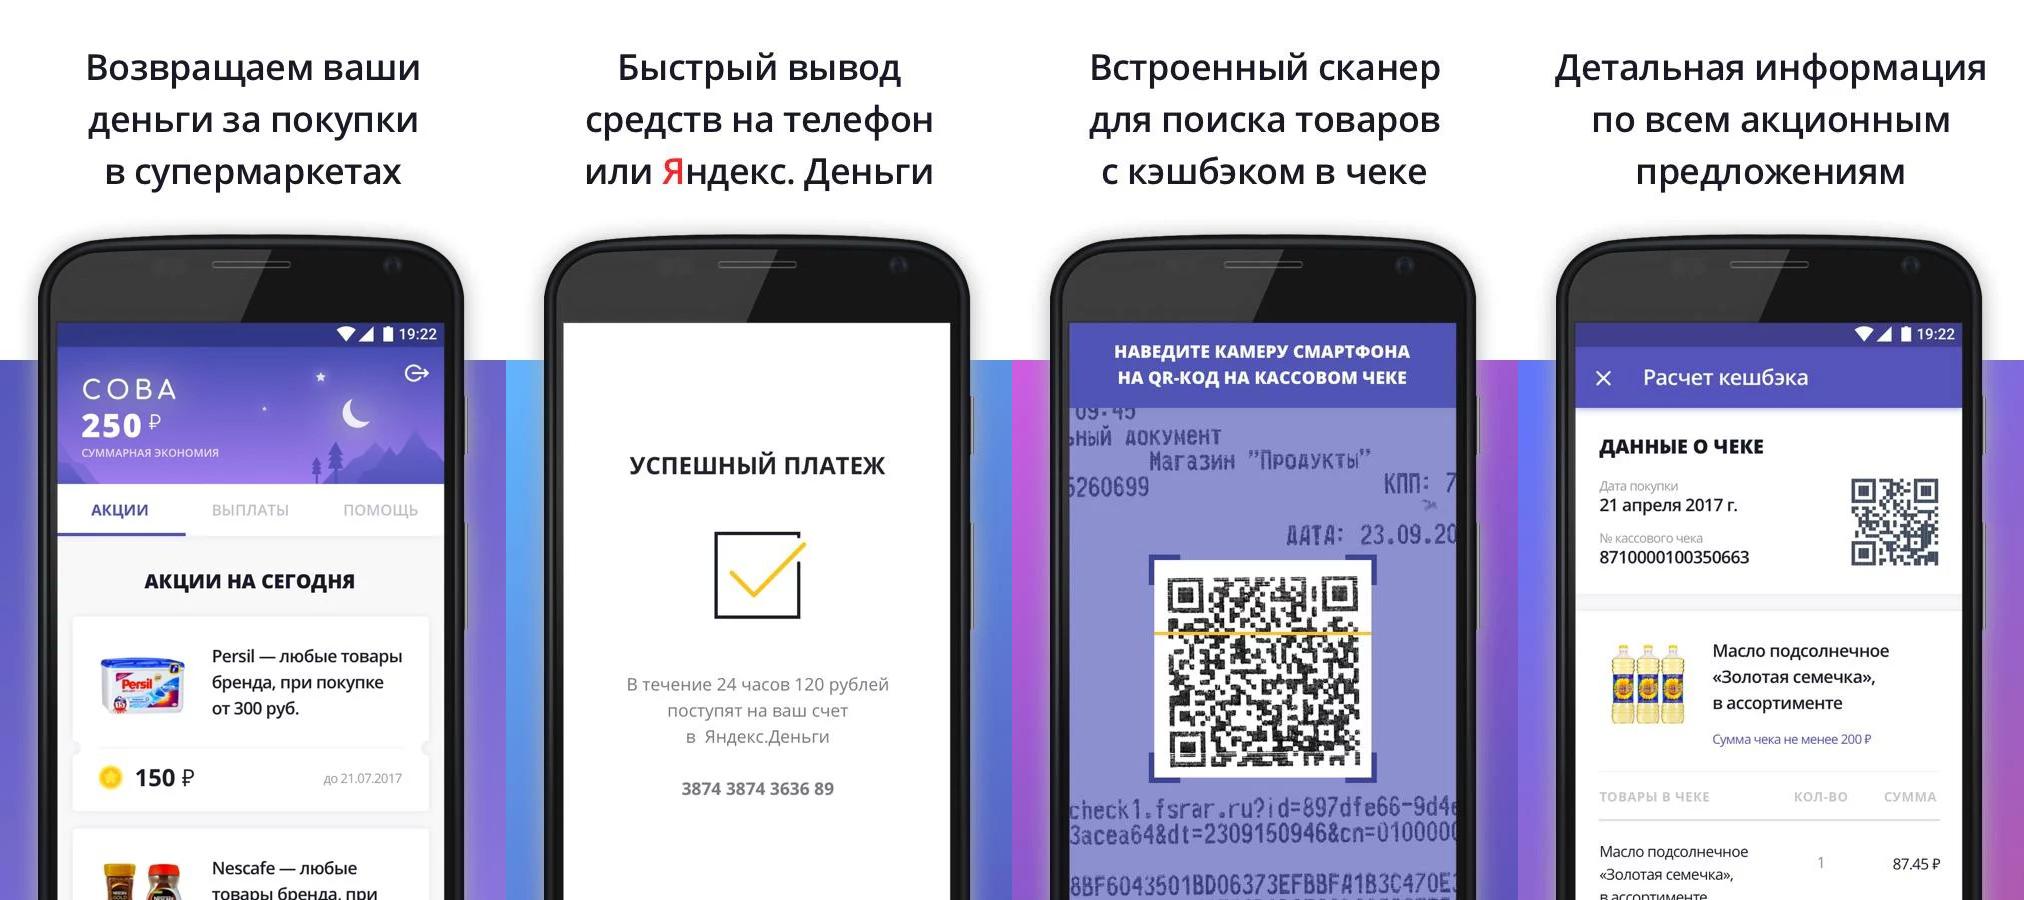 Портфельный проект «Яндекса» «Едадил» запускает кэшбэк-сервис для супермаркетов - 1